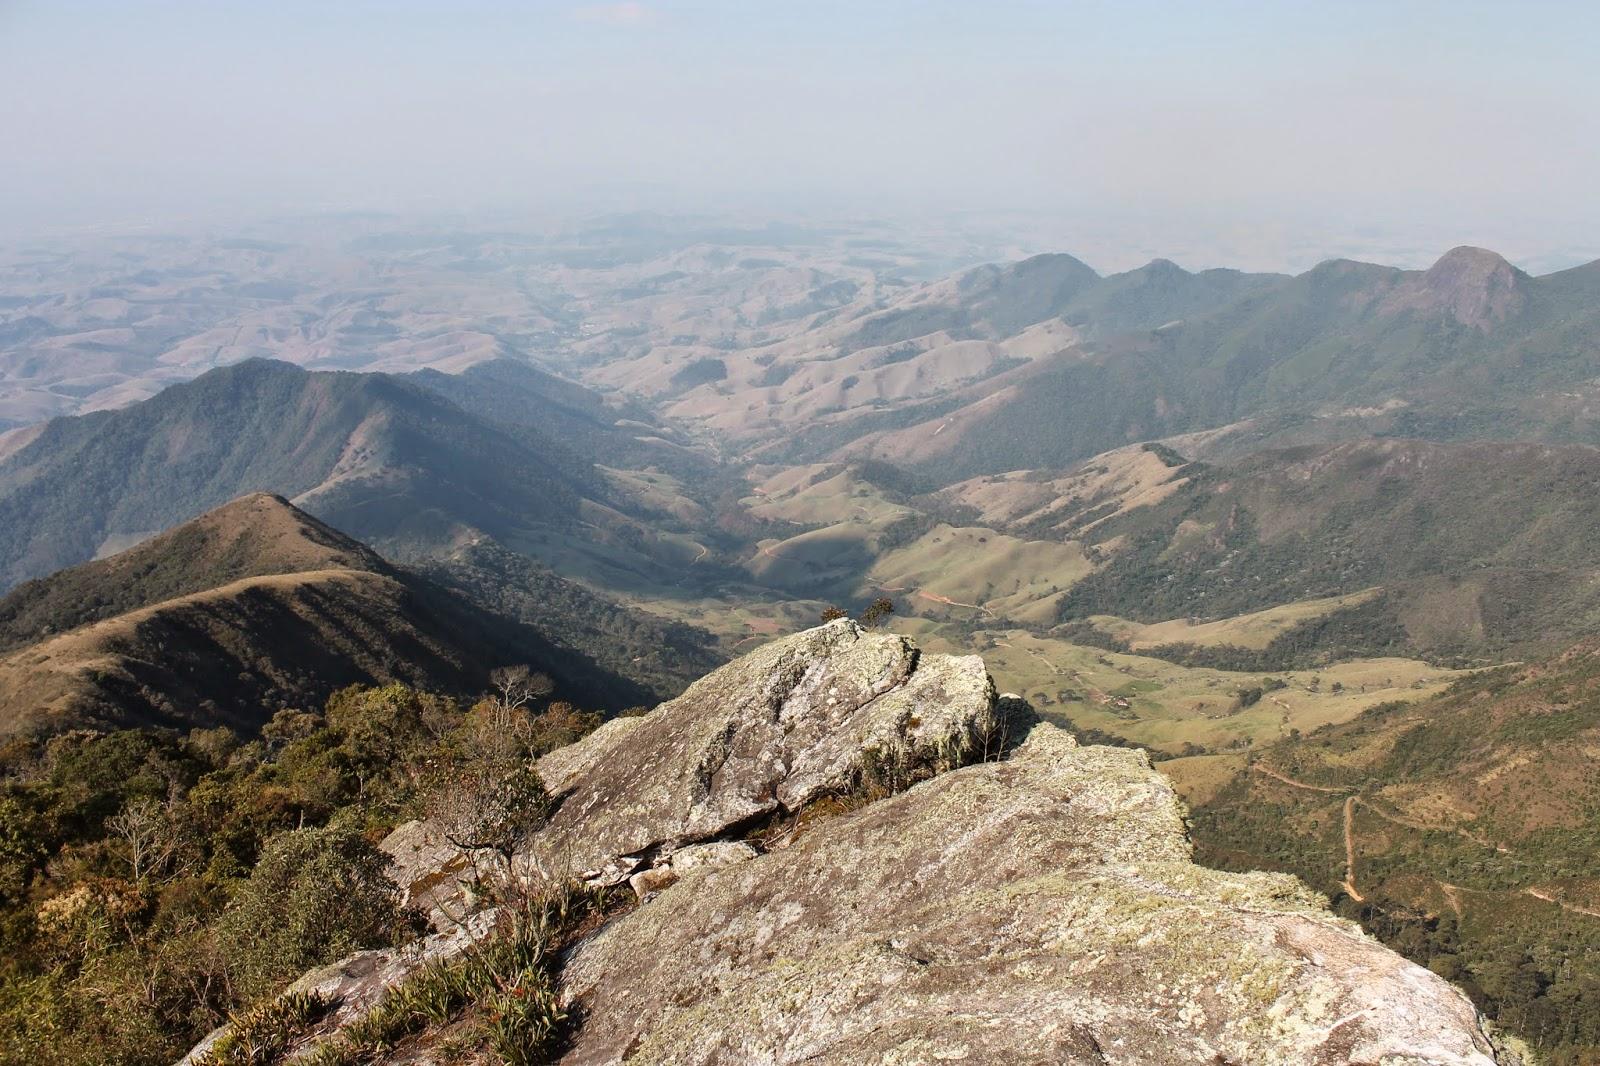 rocha & gelo: Serra da Bocaína - Pedra da Bacia e Morro Tira Chapéu